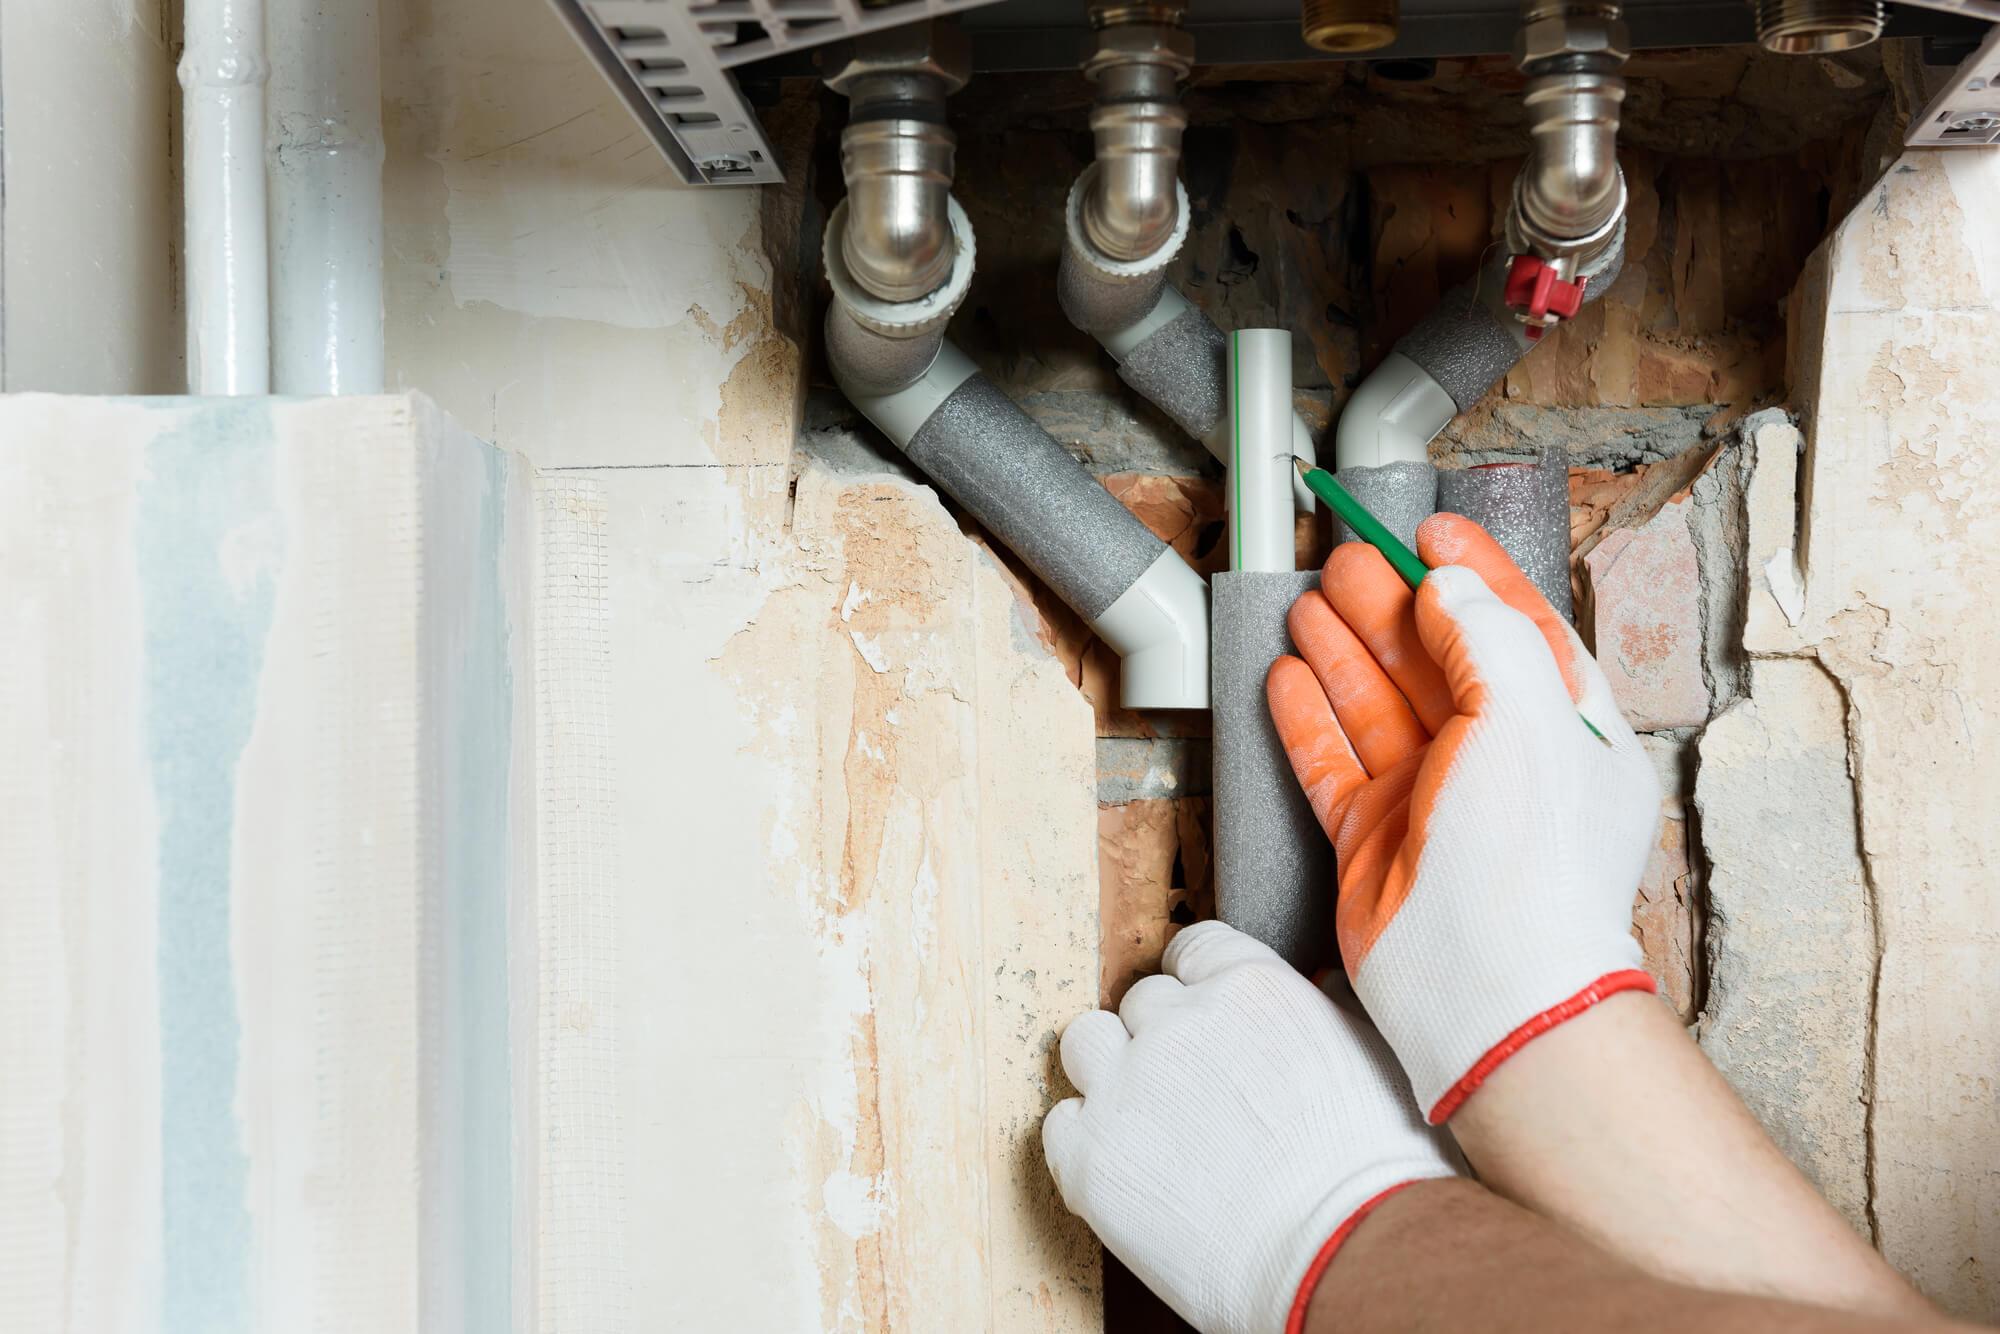 給水装置工事主任技術者を取得するメリットと将来性